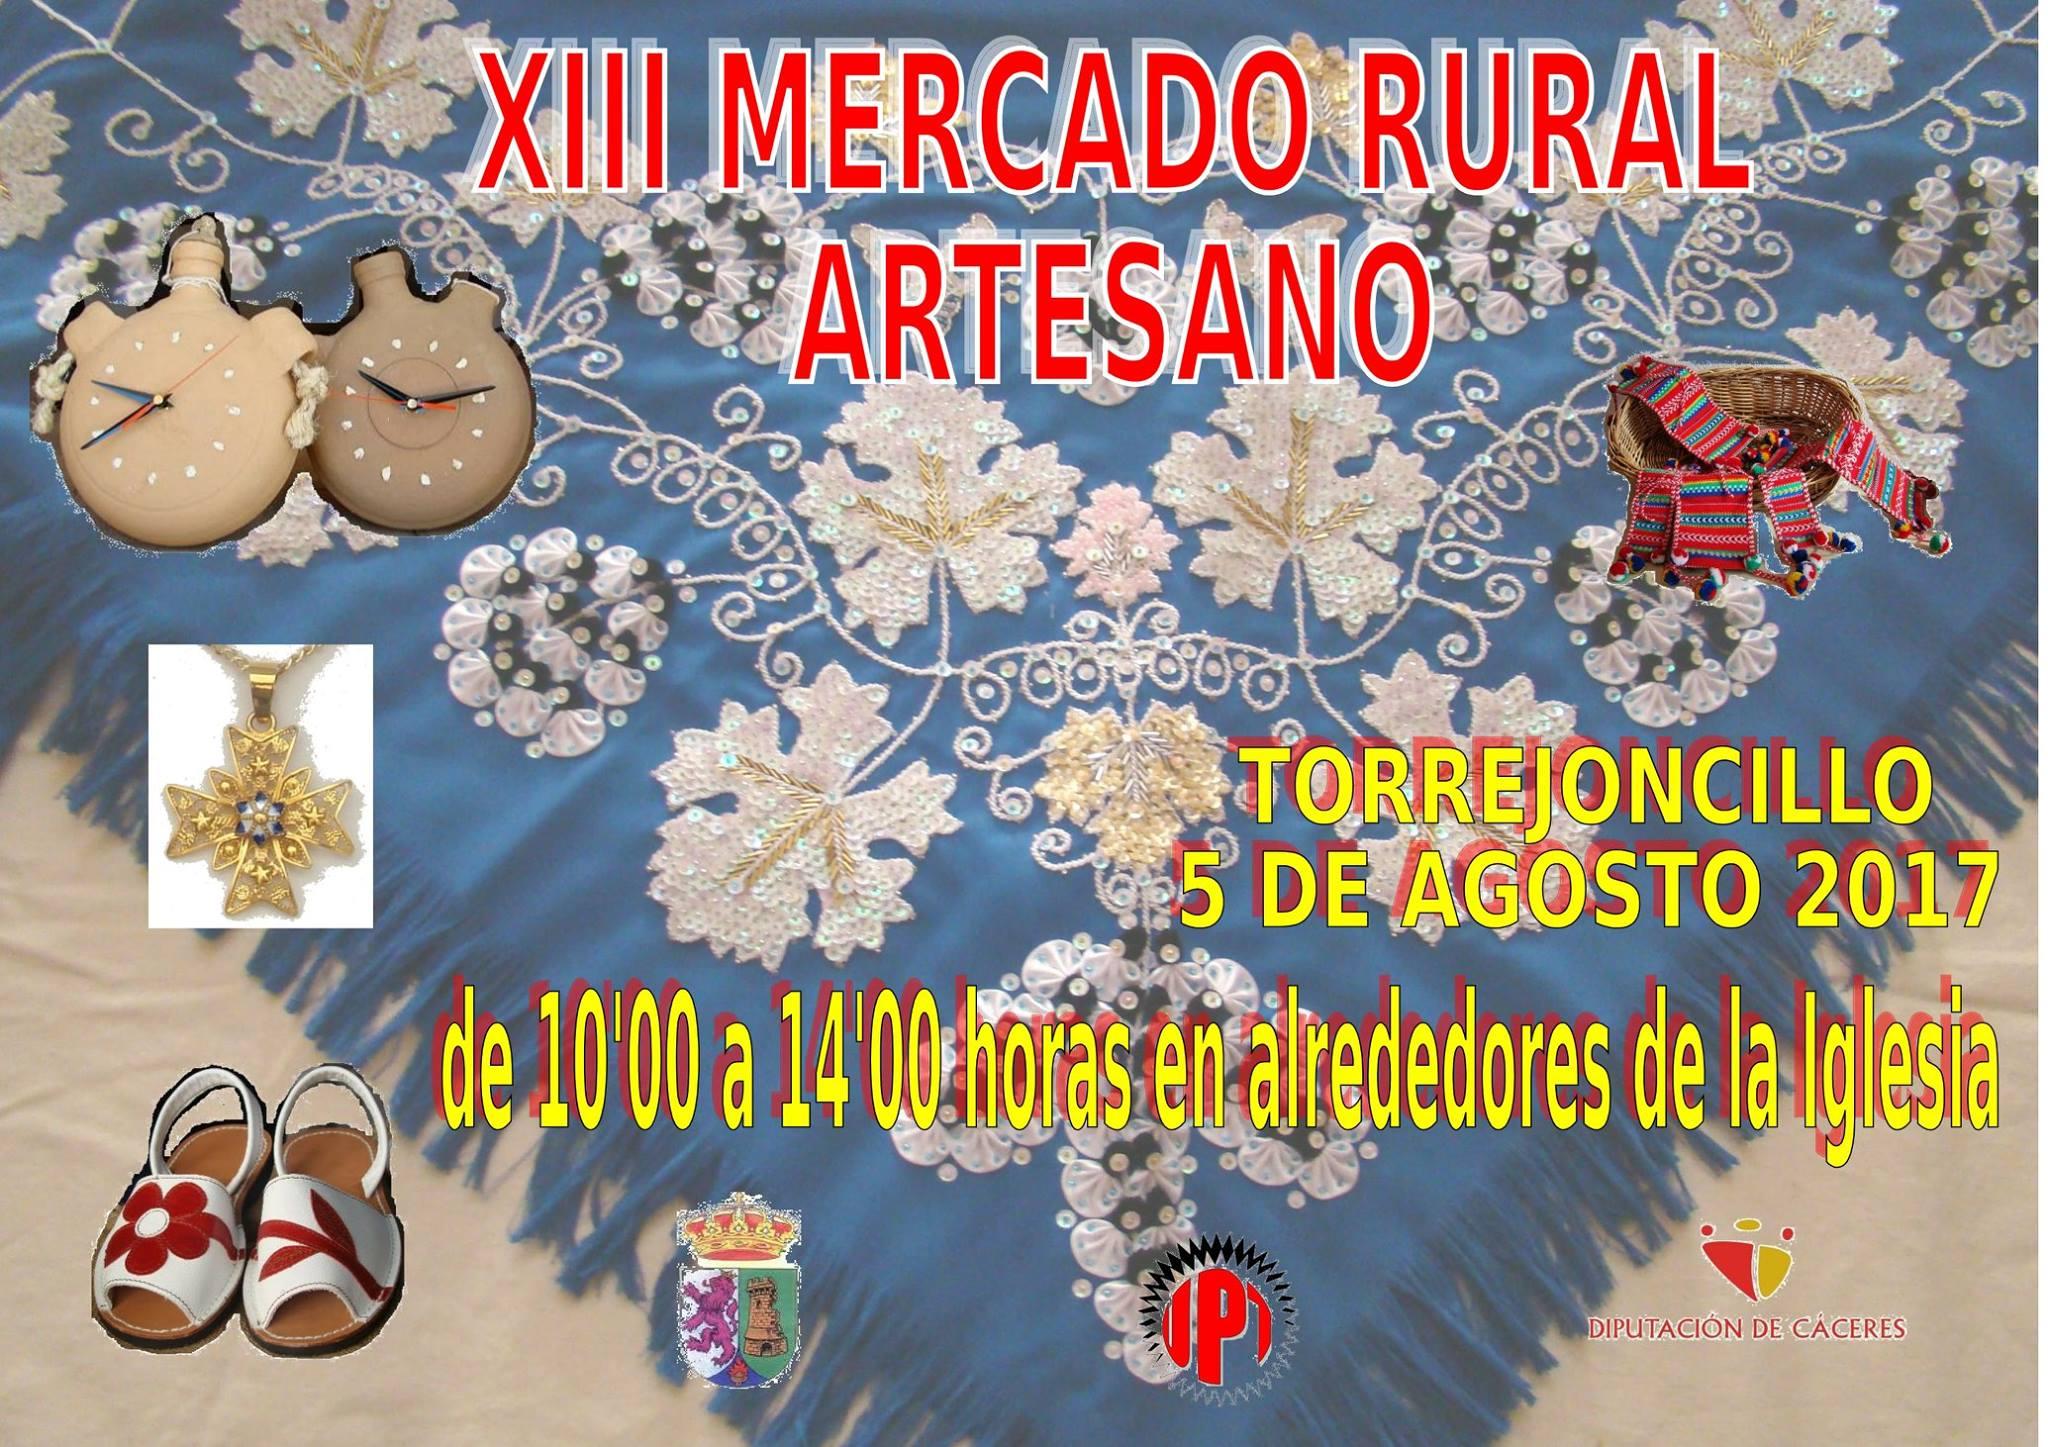 XIII edición del Mercado Rural Artesano de Torrejoncillo